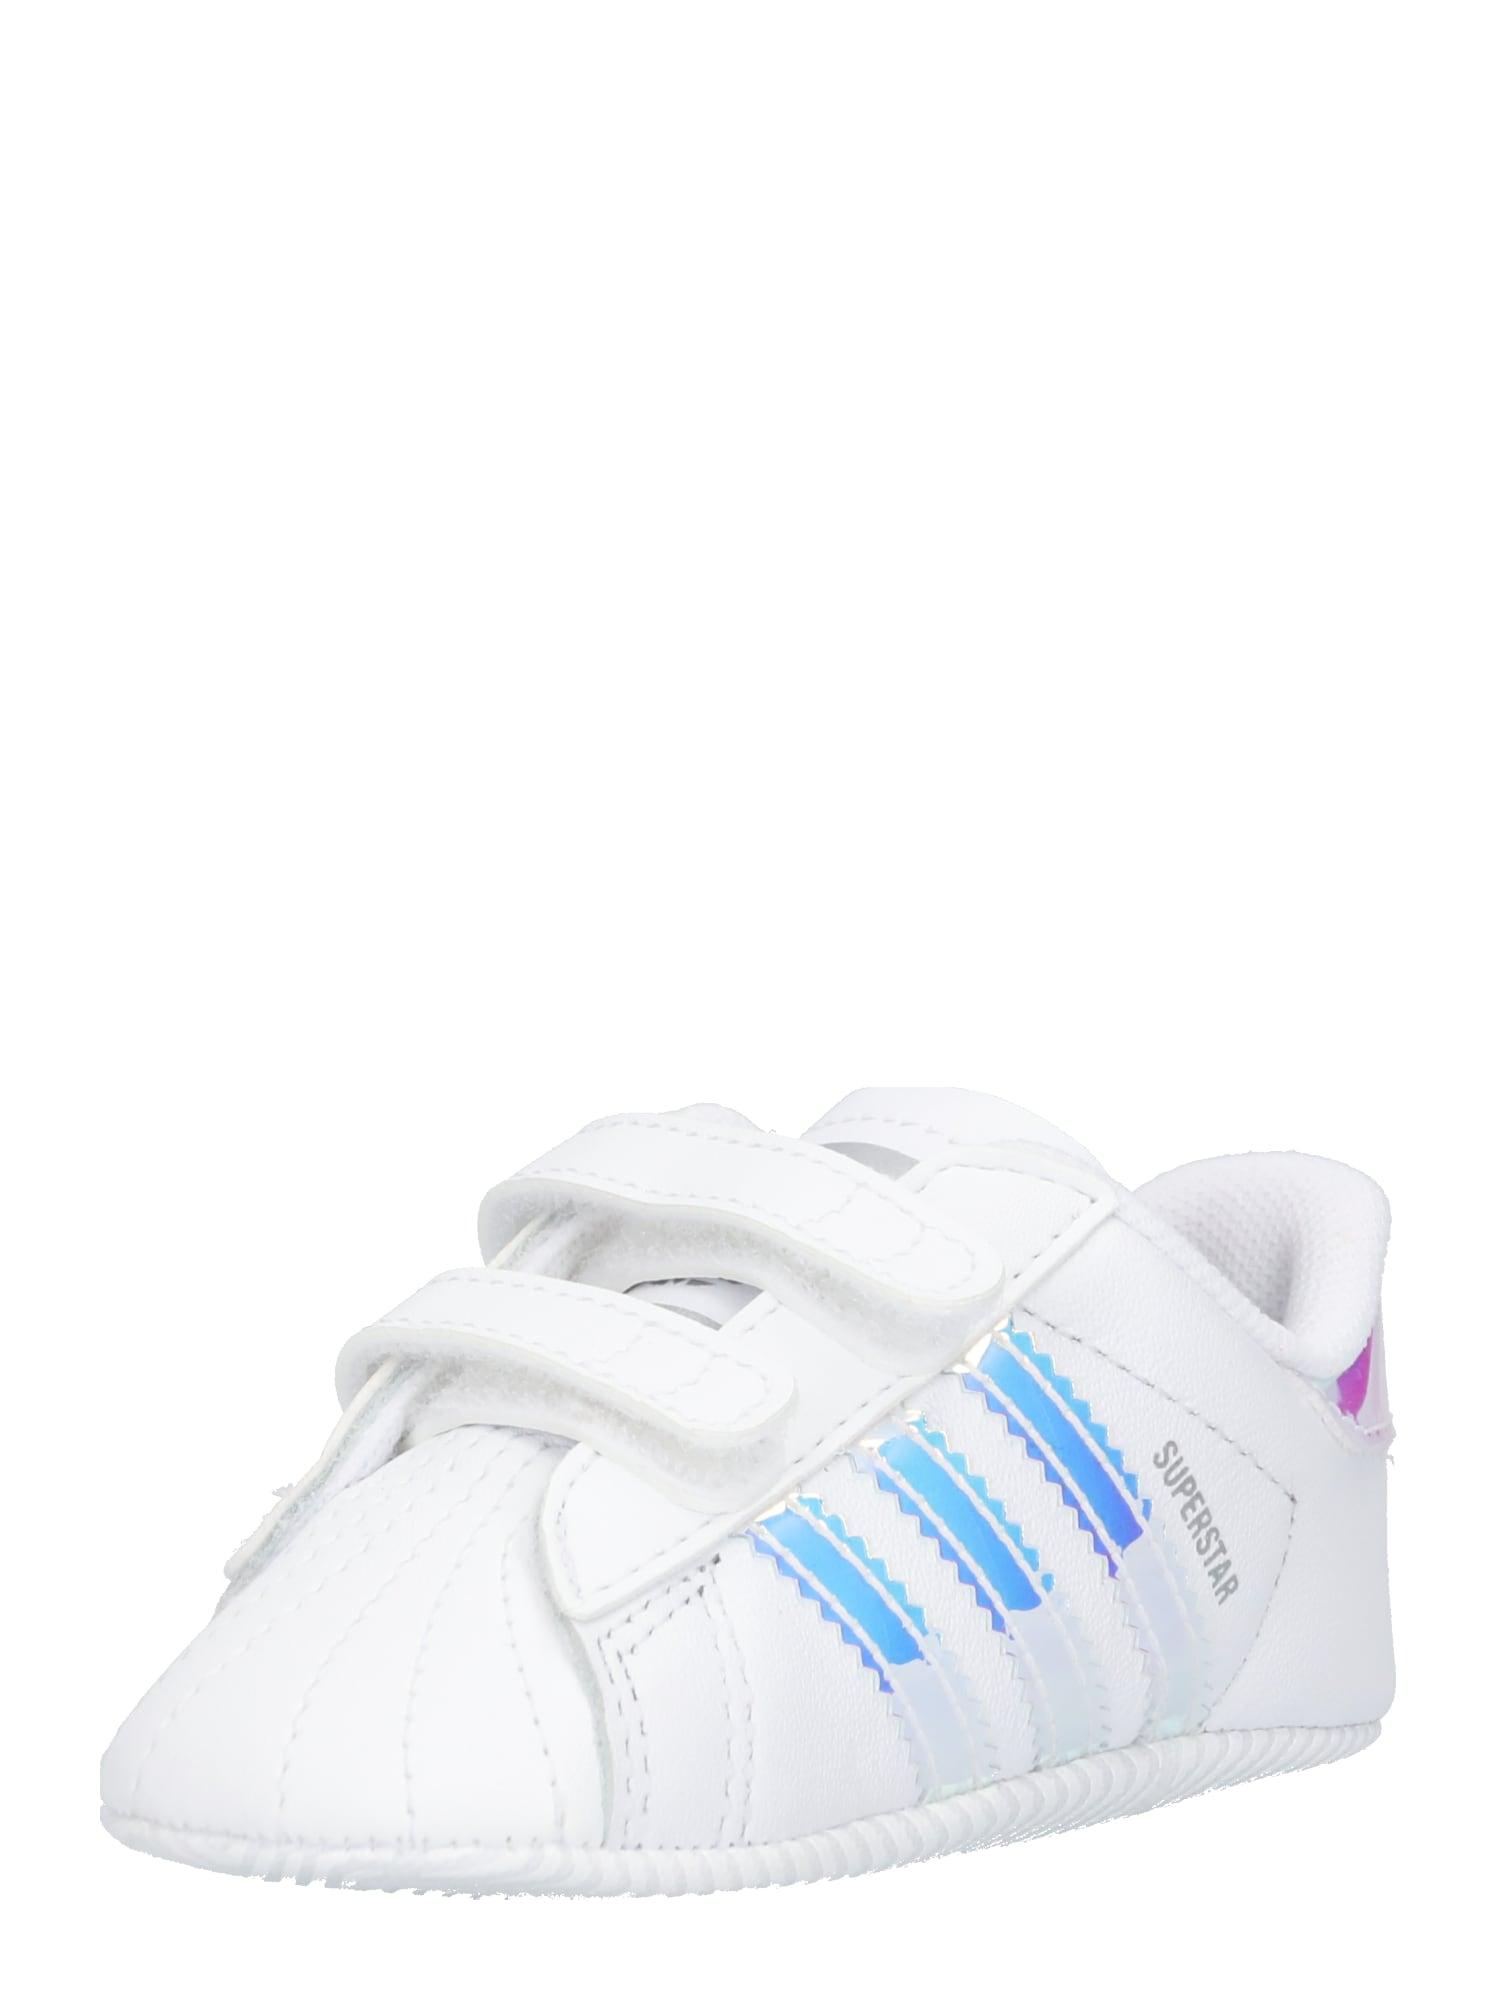 ADIDAS ORIGINALS Pirmieji vaiko vaikščiojimo bateliai balta